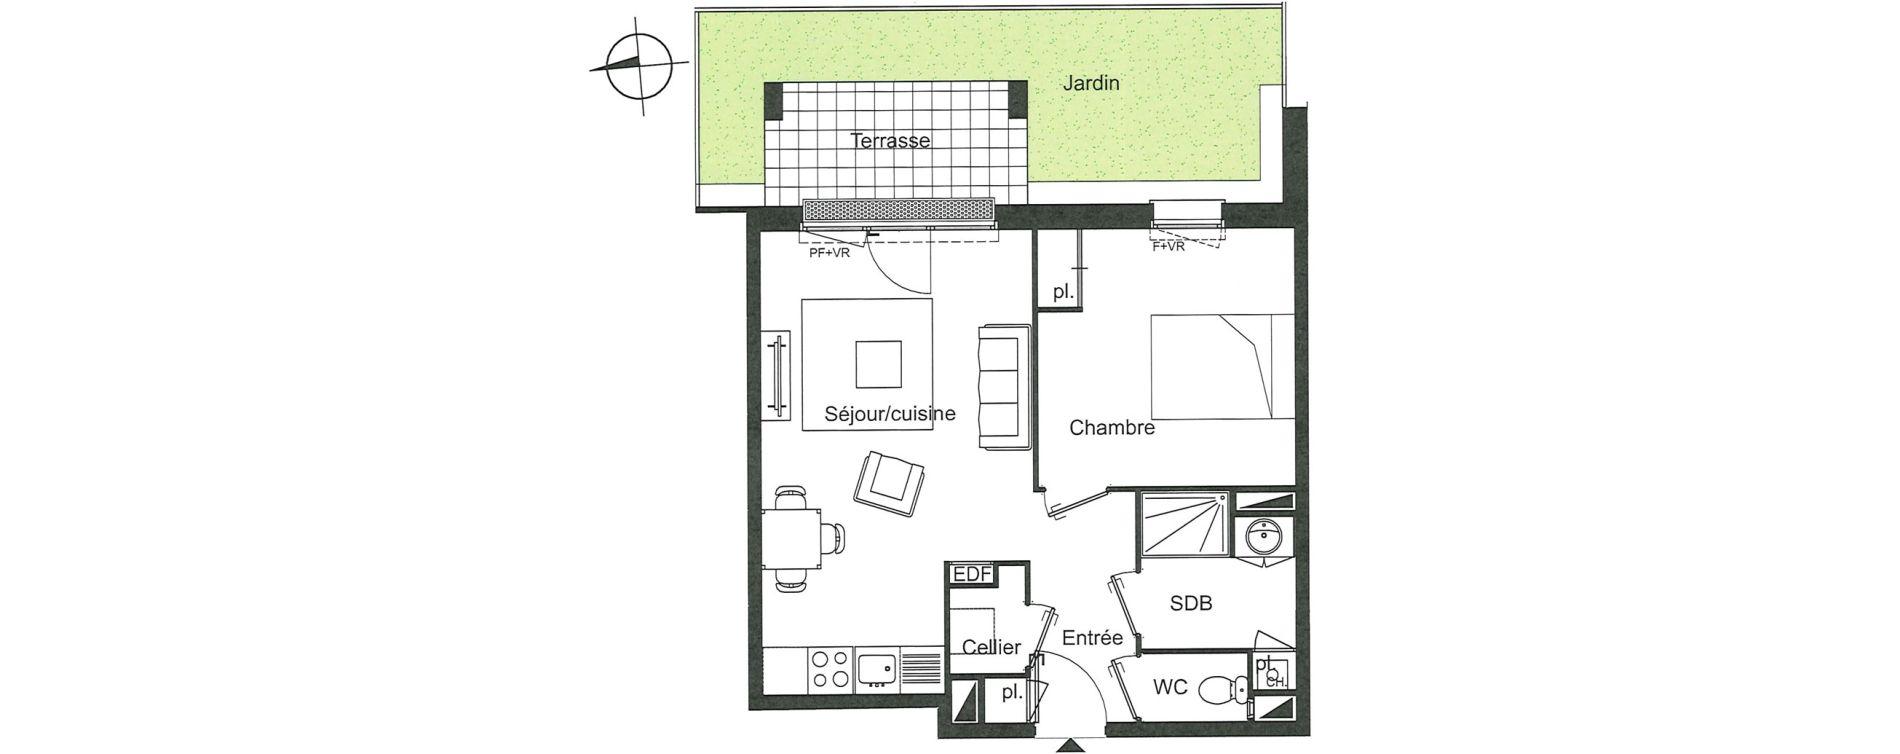 Appartement T2 de 44,21 m2 à Villenave-D'Ornon Le bocage